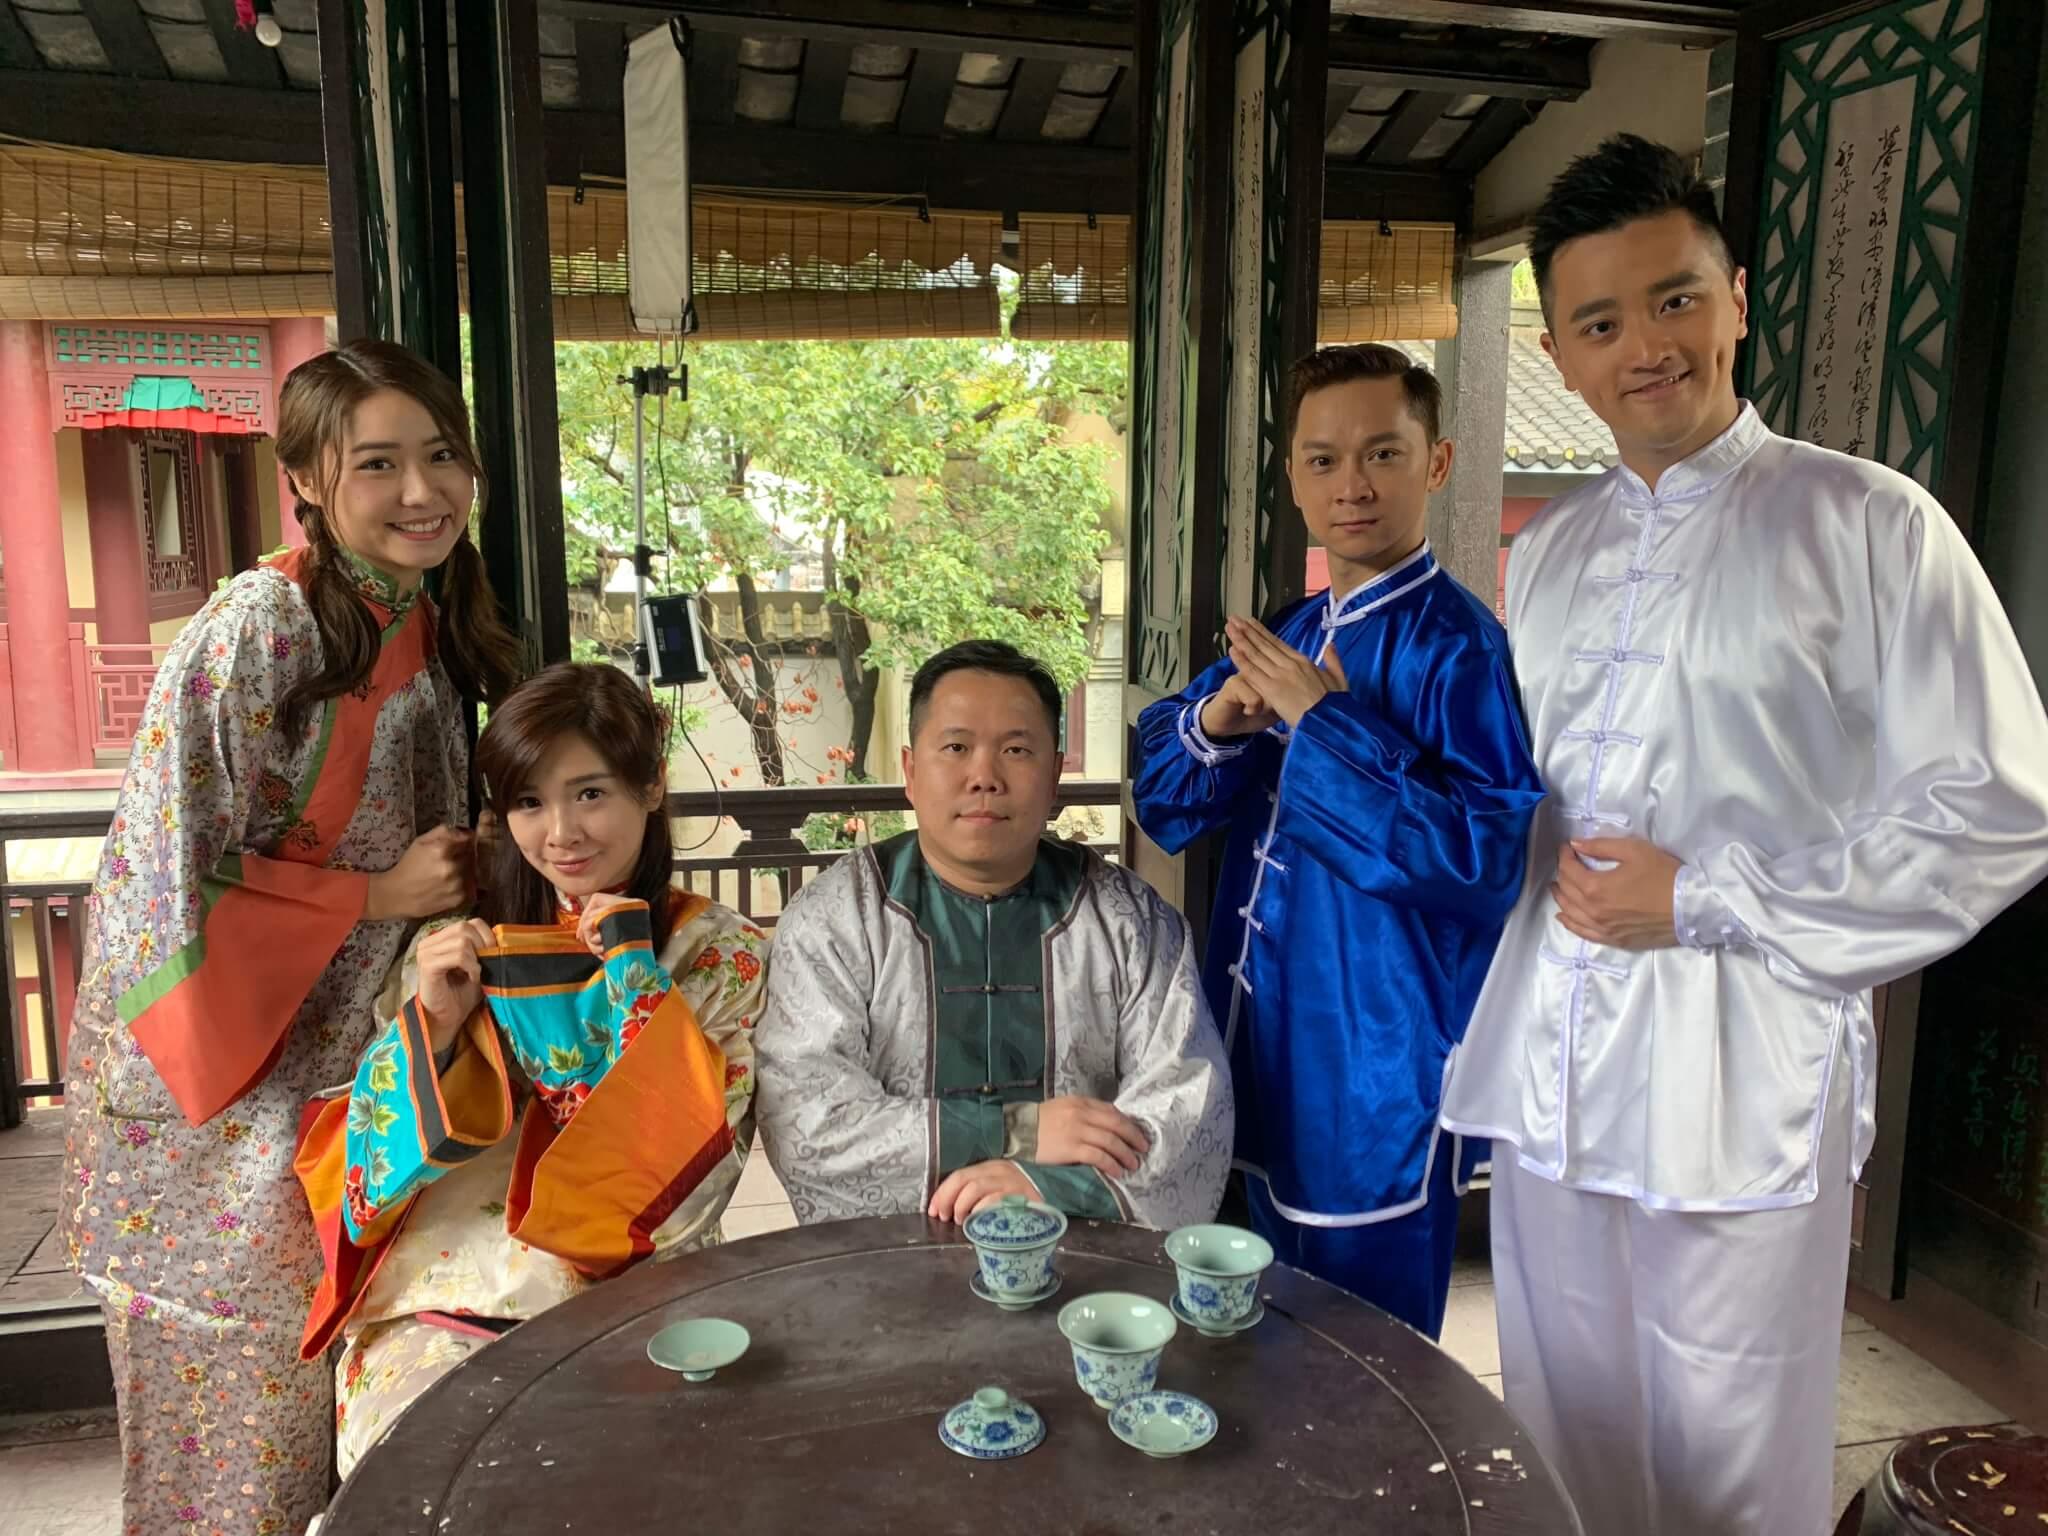 Edmond和Mayanne為新一輯節目《粵講粵㜺鬼》到廣州、佛山、順德逗留五日拍攝。